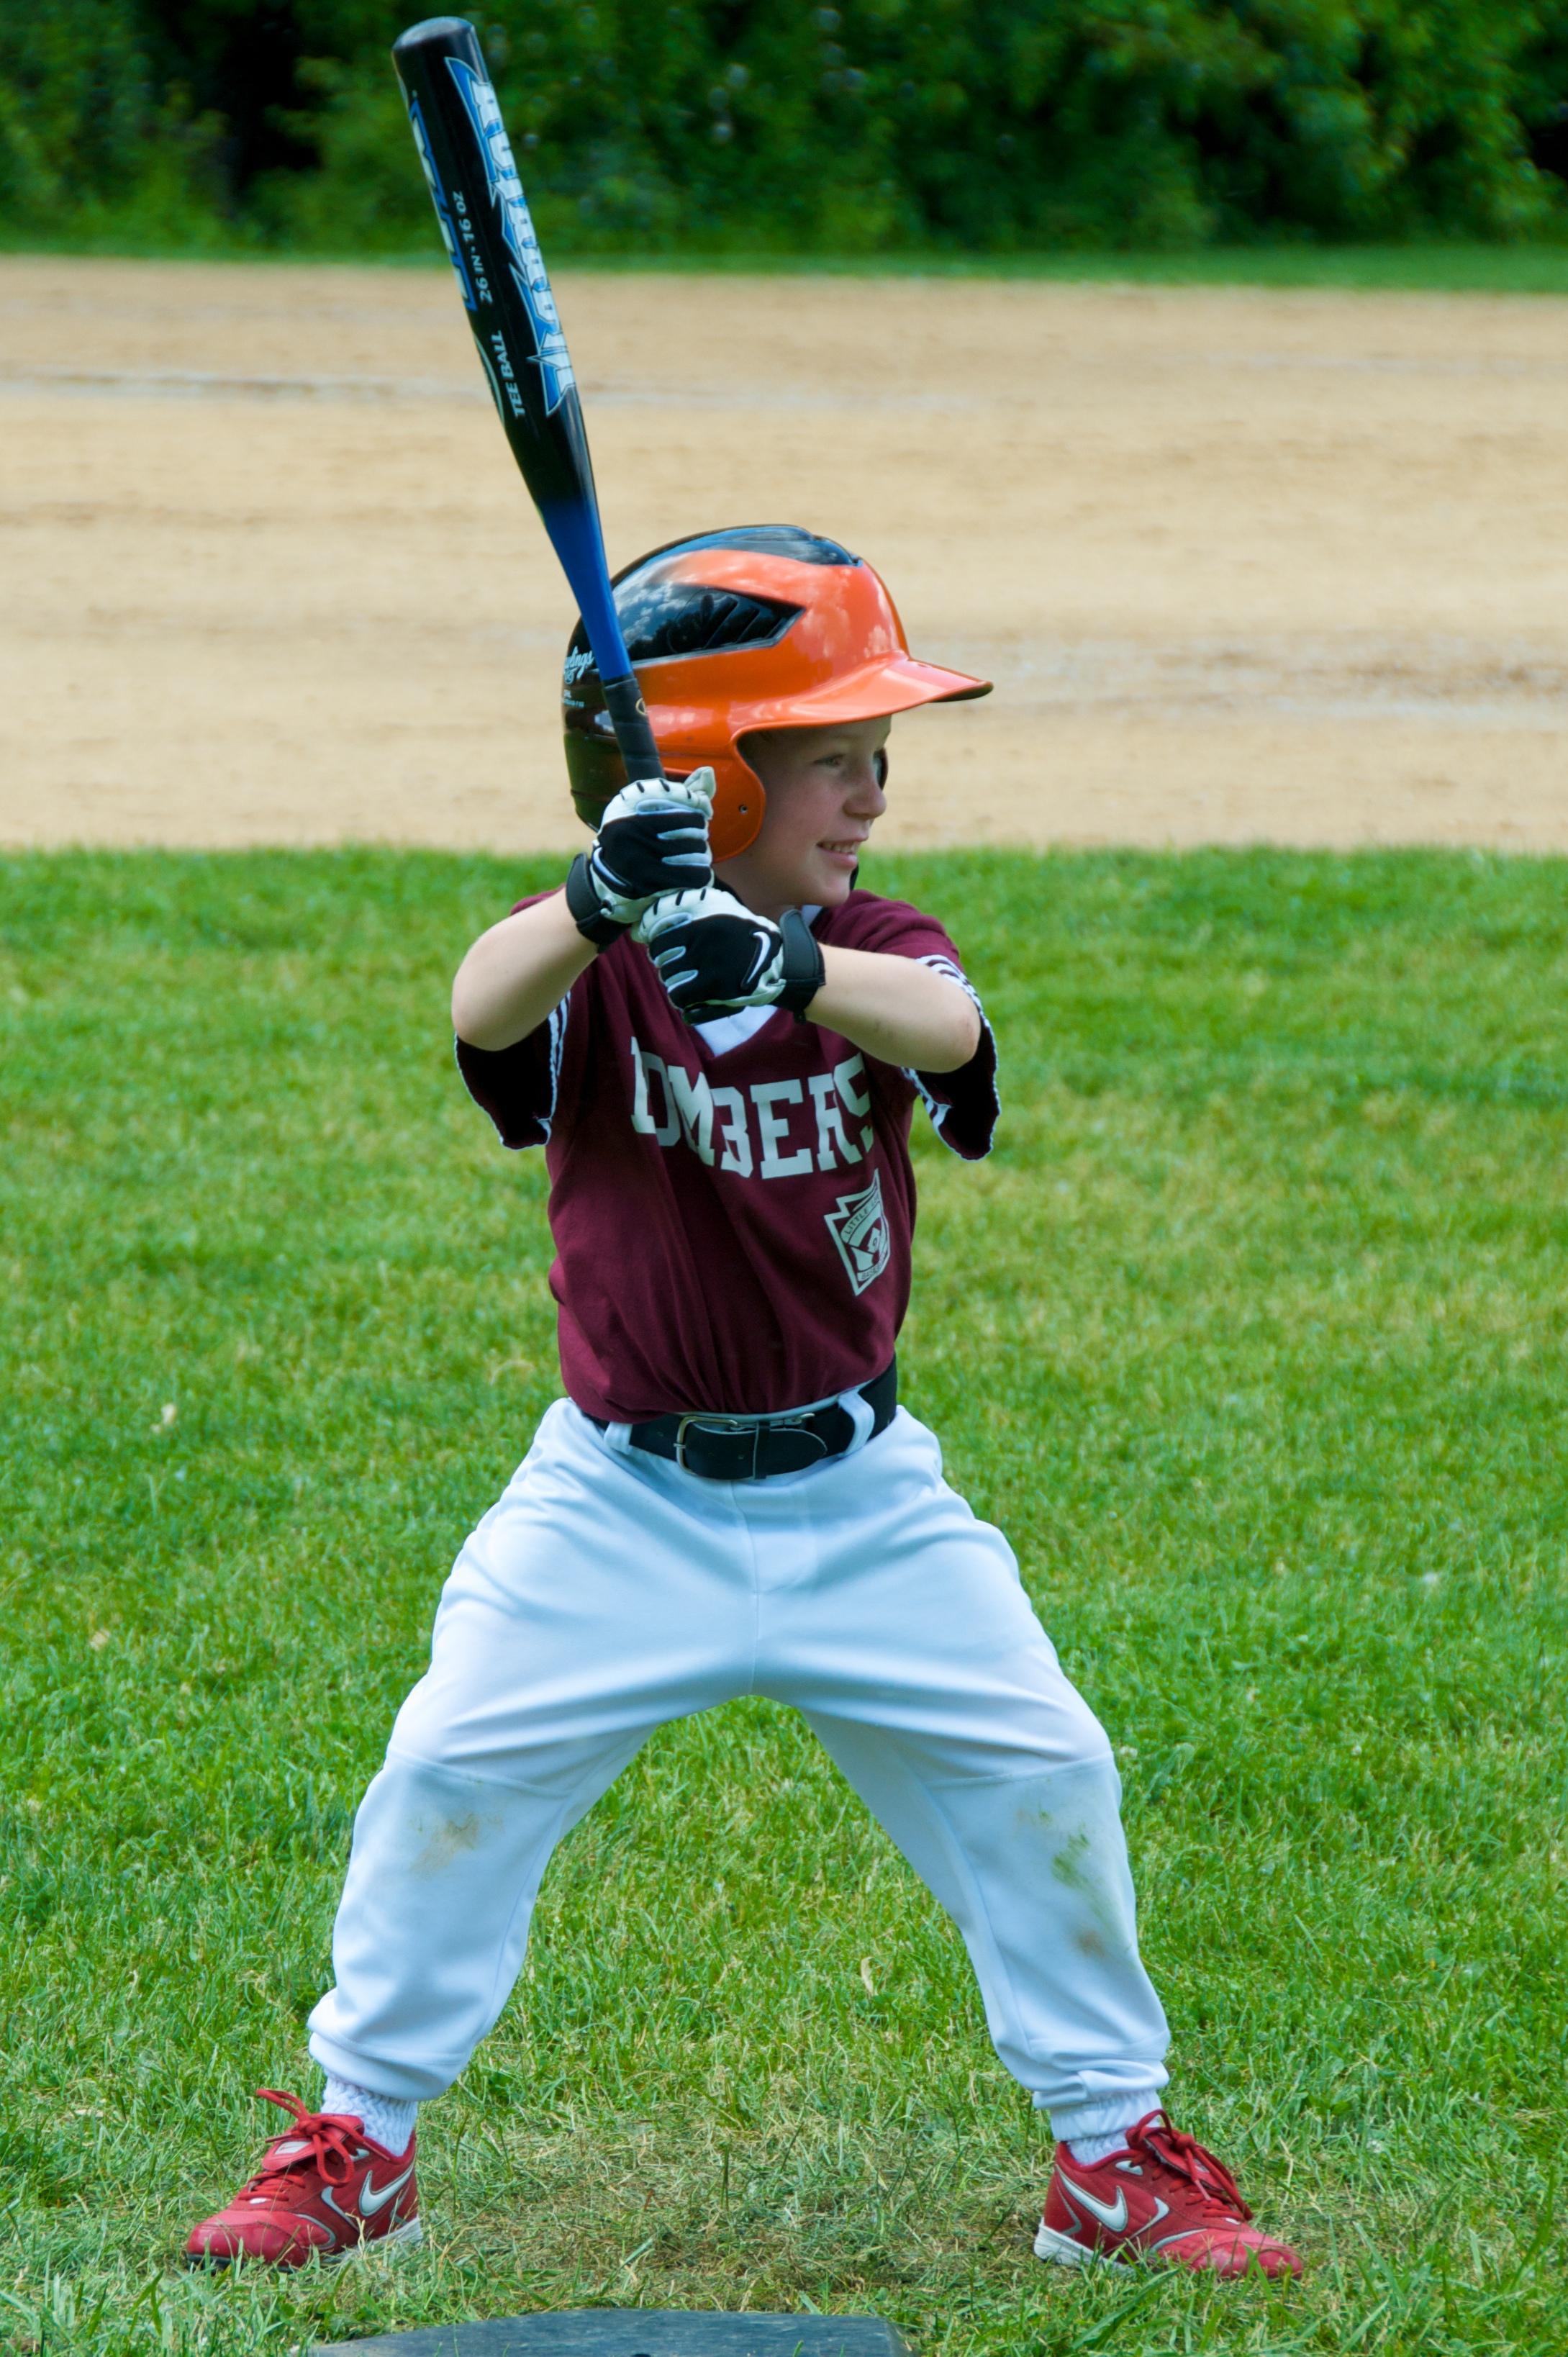 Little Kids Baseball Cleats